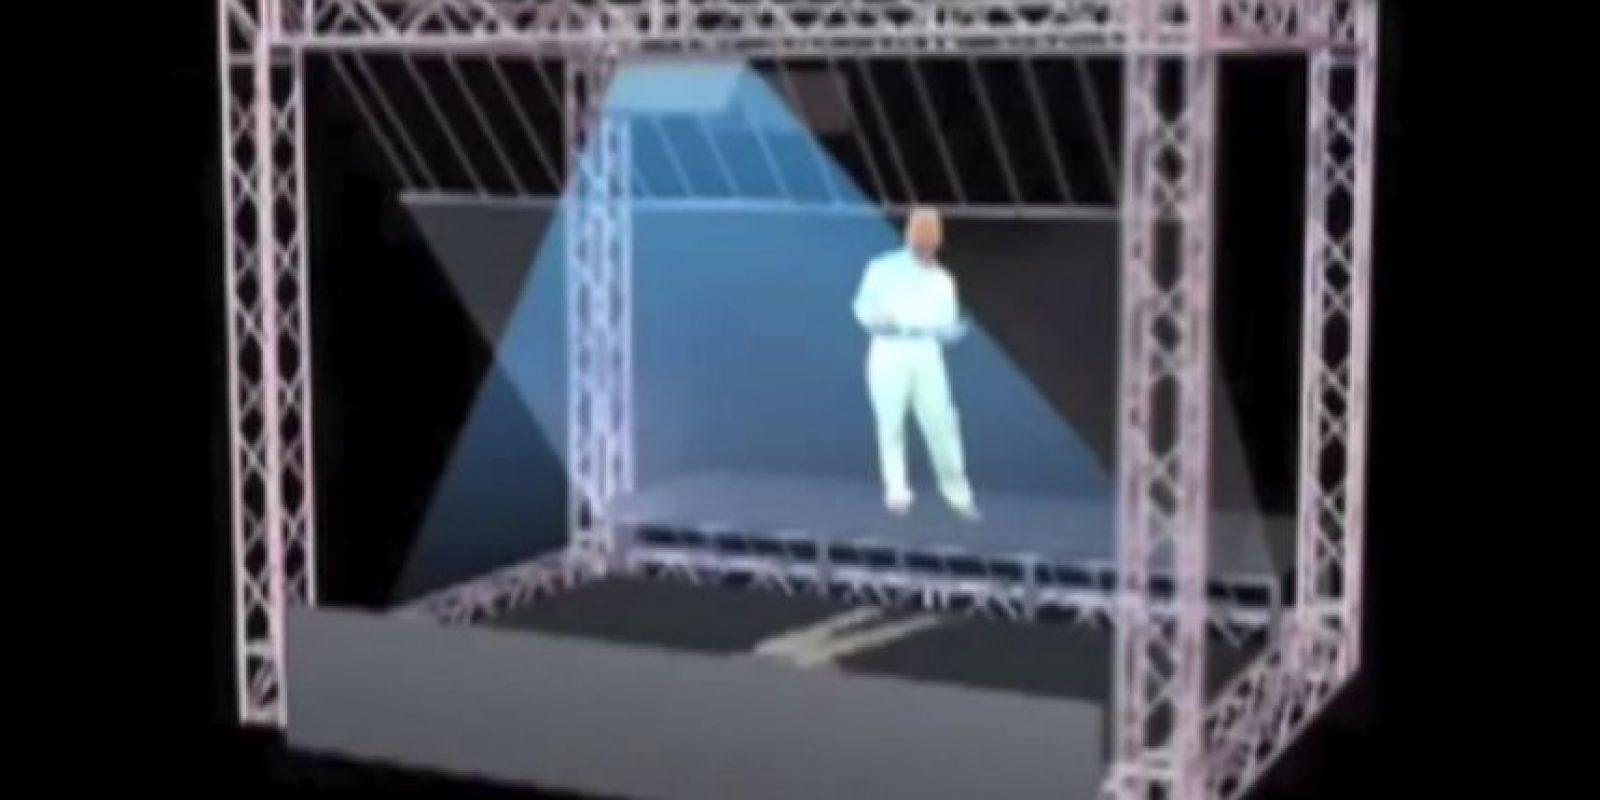 Este es un esquema de cómo se construyó el holograma de Michael Jackson para los premios Billboard 2014 Foto:Wikicommons